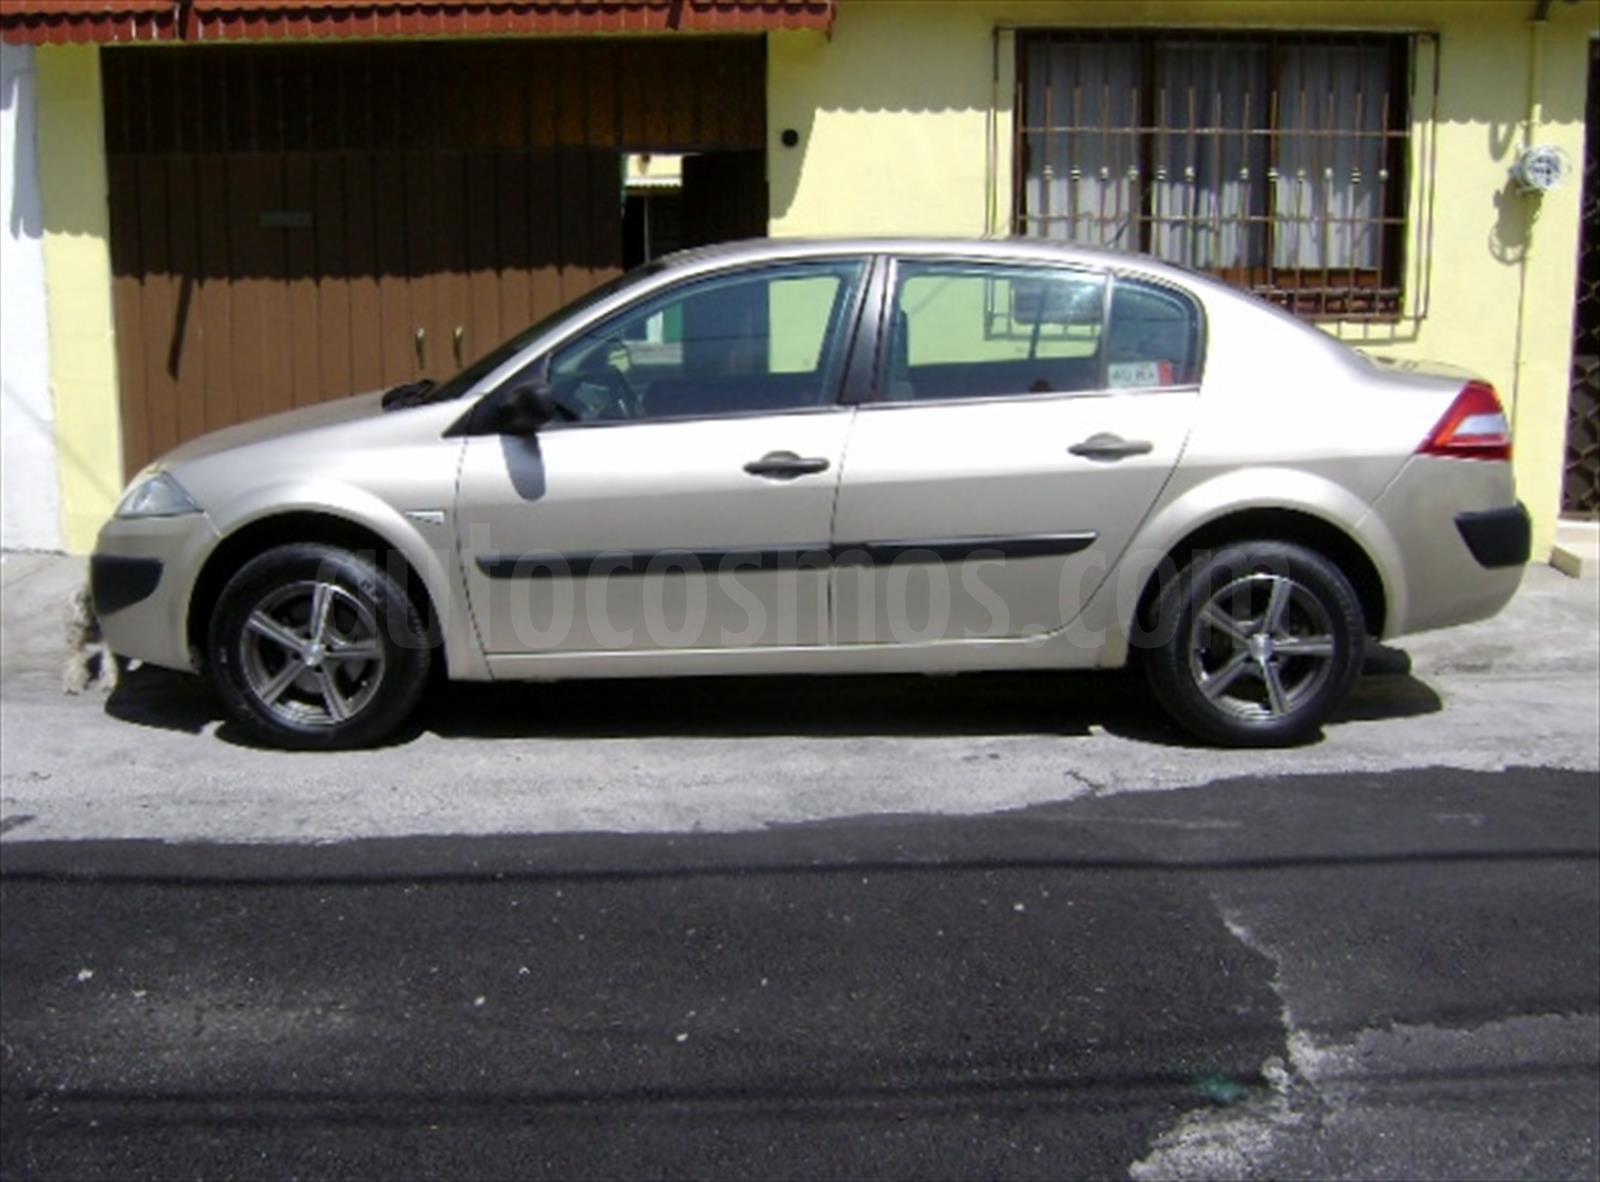 Compra Y Venta De Vehiculos Usados En Bolivia.html | Autos Post